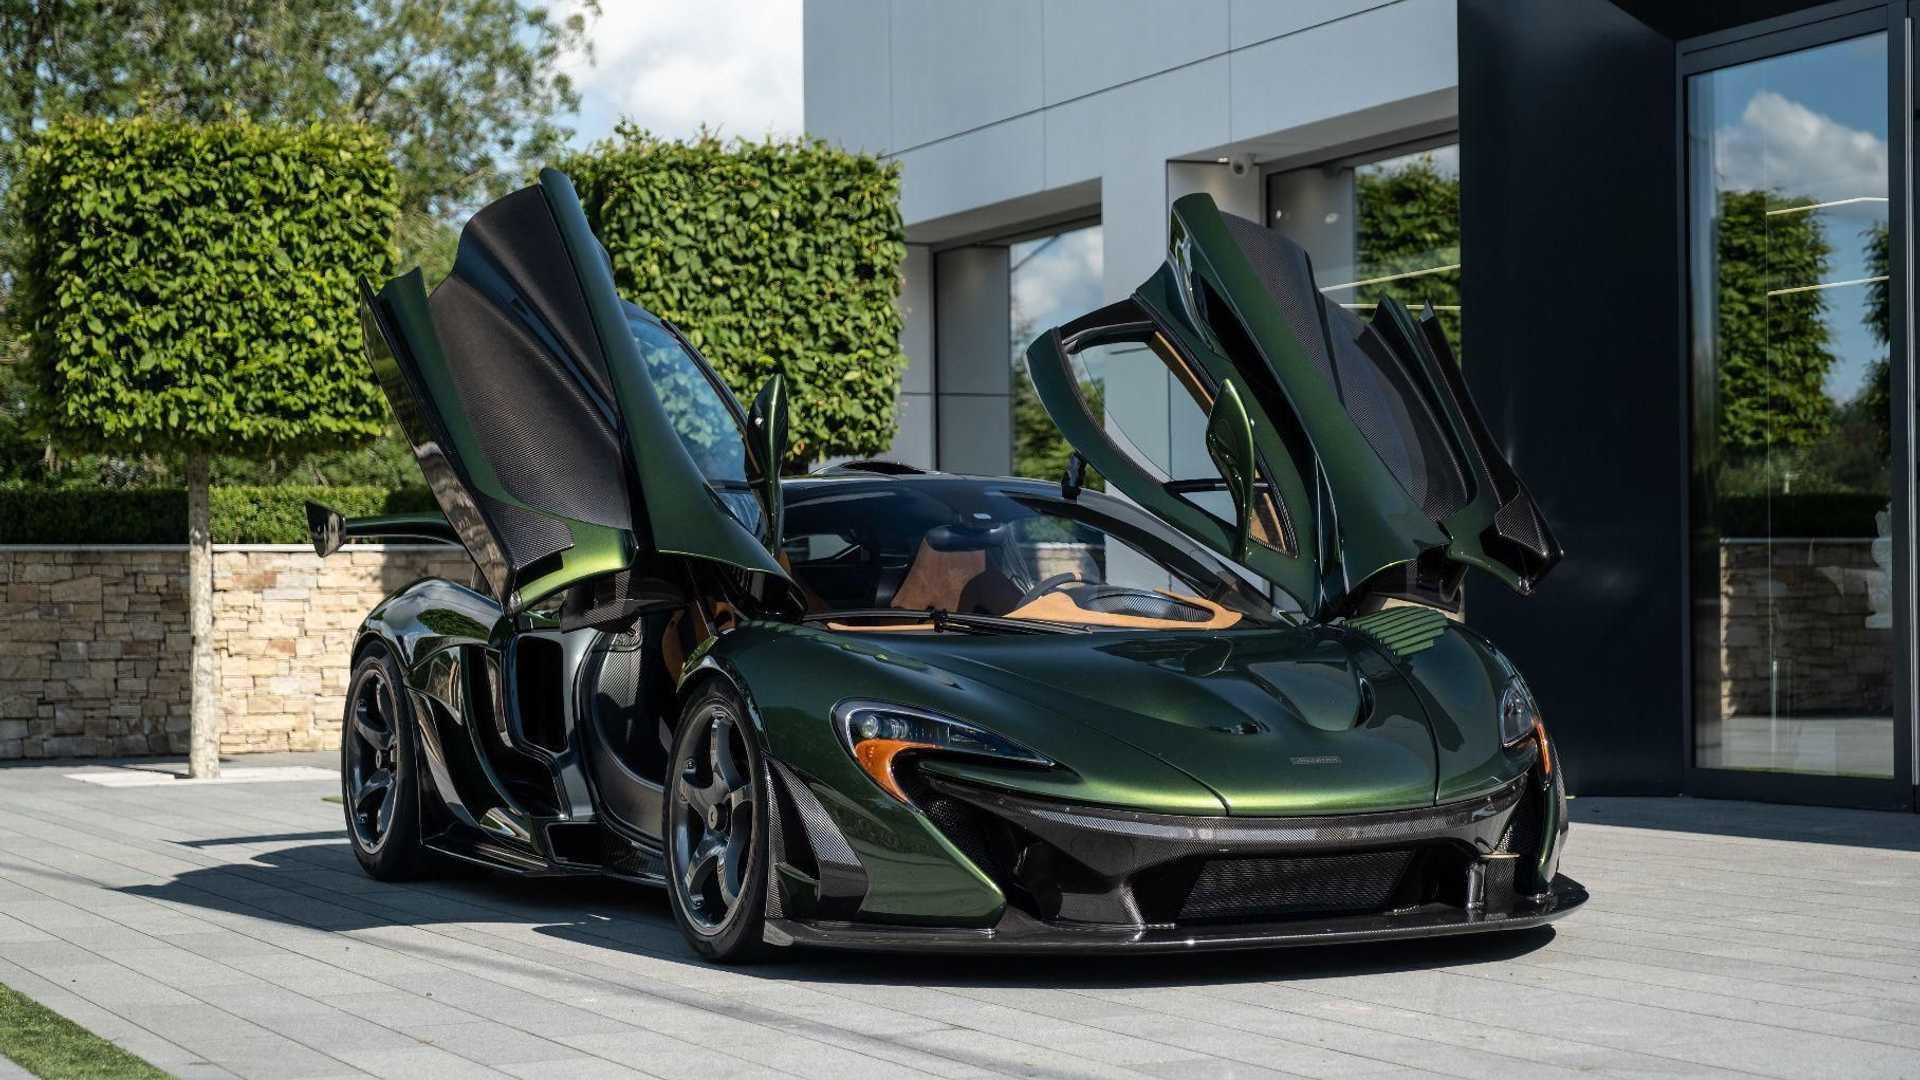 McLaren P1 HDK super hybrid